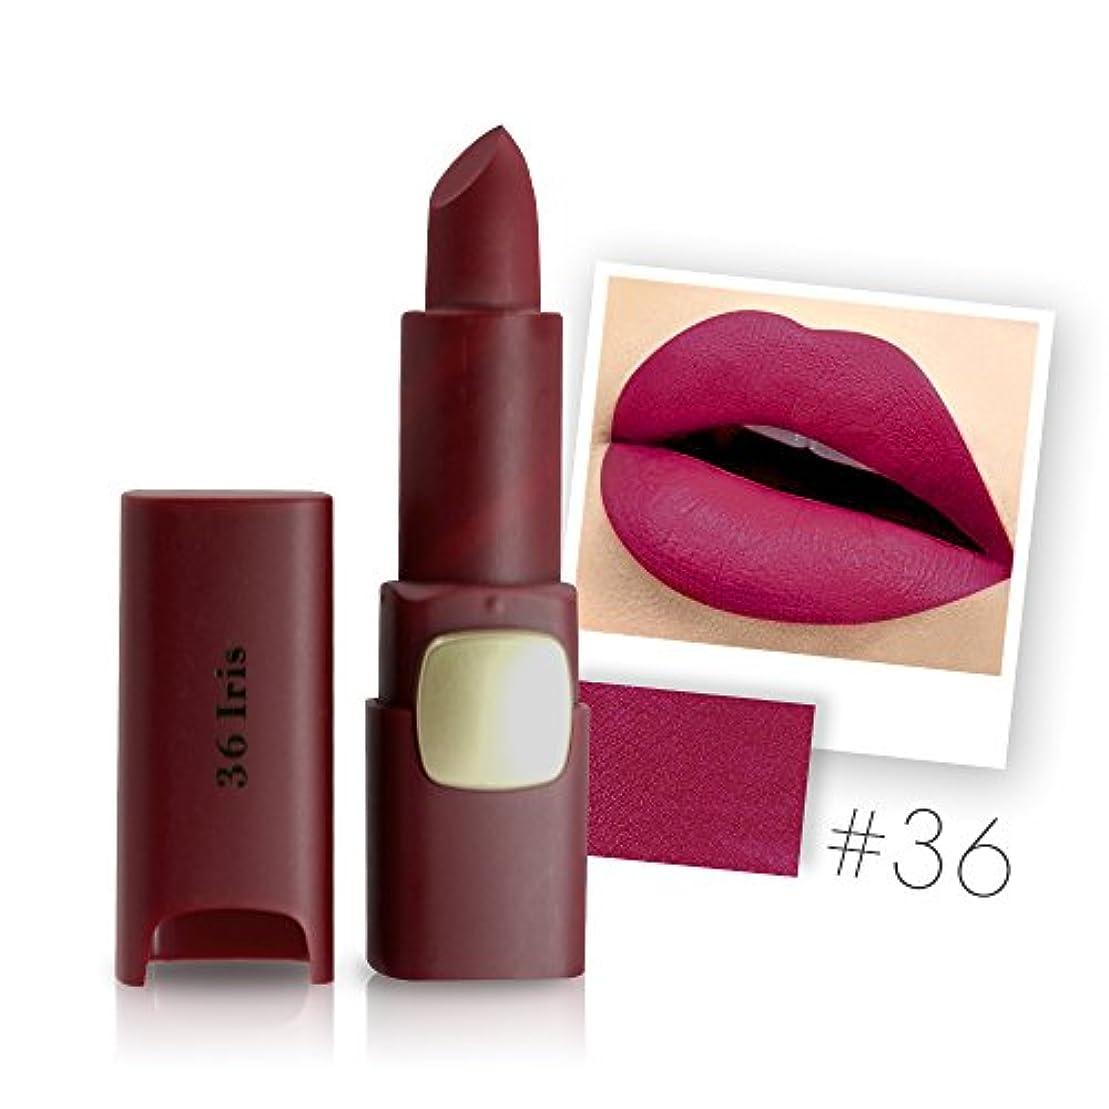 コショウ推論ガイドラインMiss Rose Brand Matte Lipstick Waterproof Lips Moisturizing Easy To Wear Makeup Lip Sticks Gloss Lipsticks Cosmetic